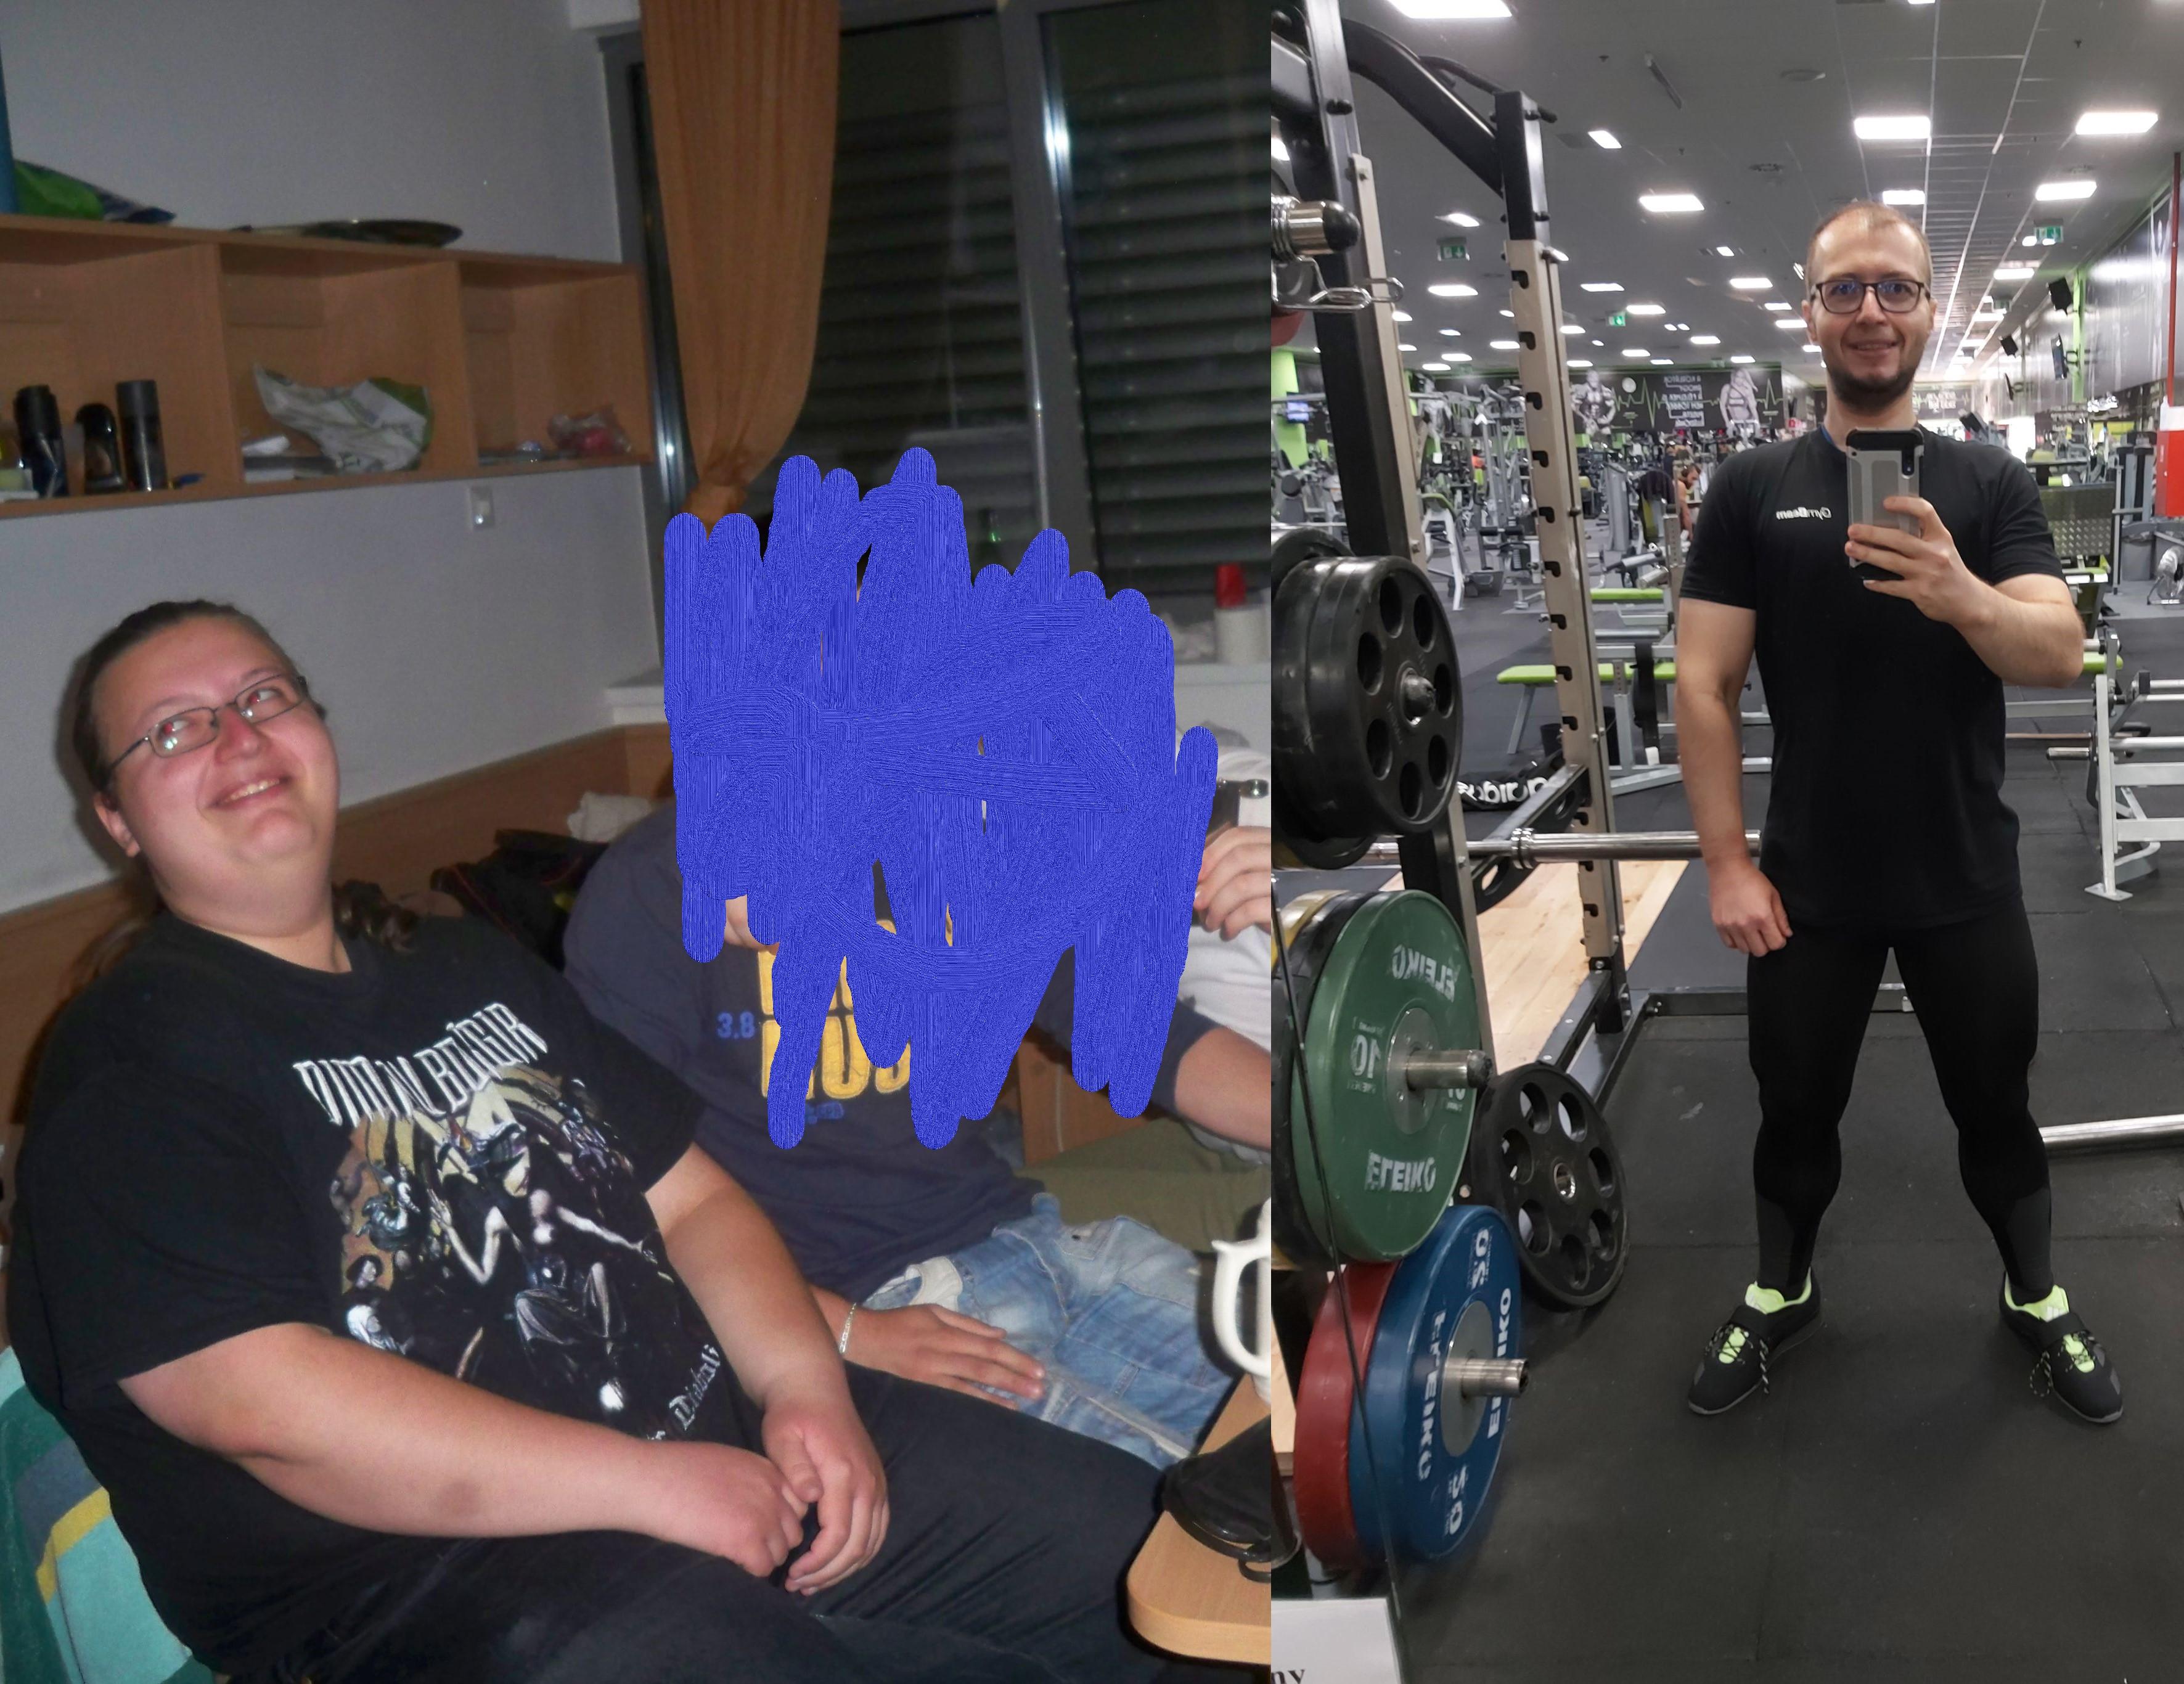 5 feet 10 Male 134 lbs Weight Loss 330 lbs to 196 lbs